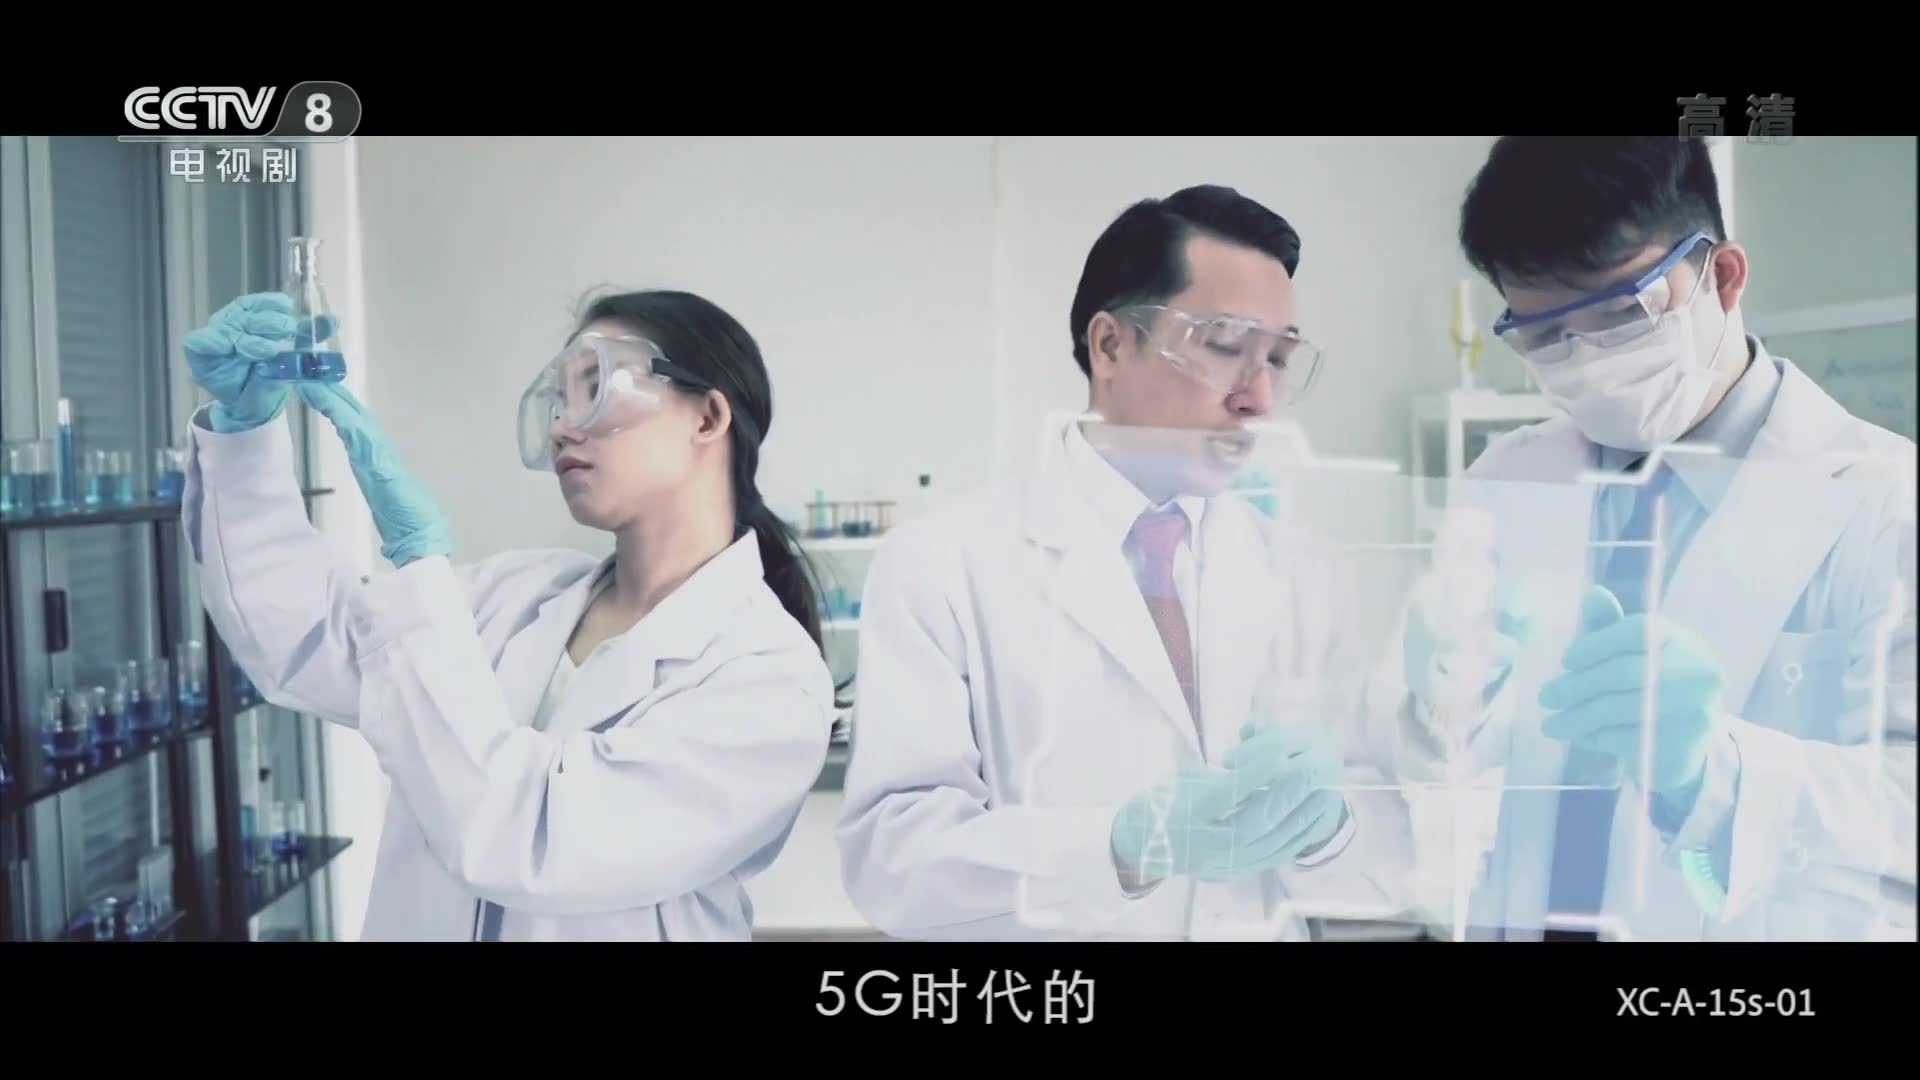 央视广告欣赏-中国移动-3